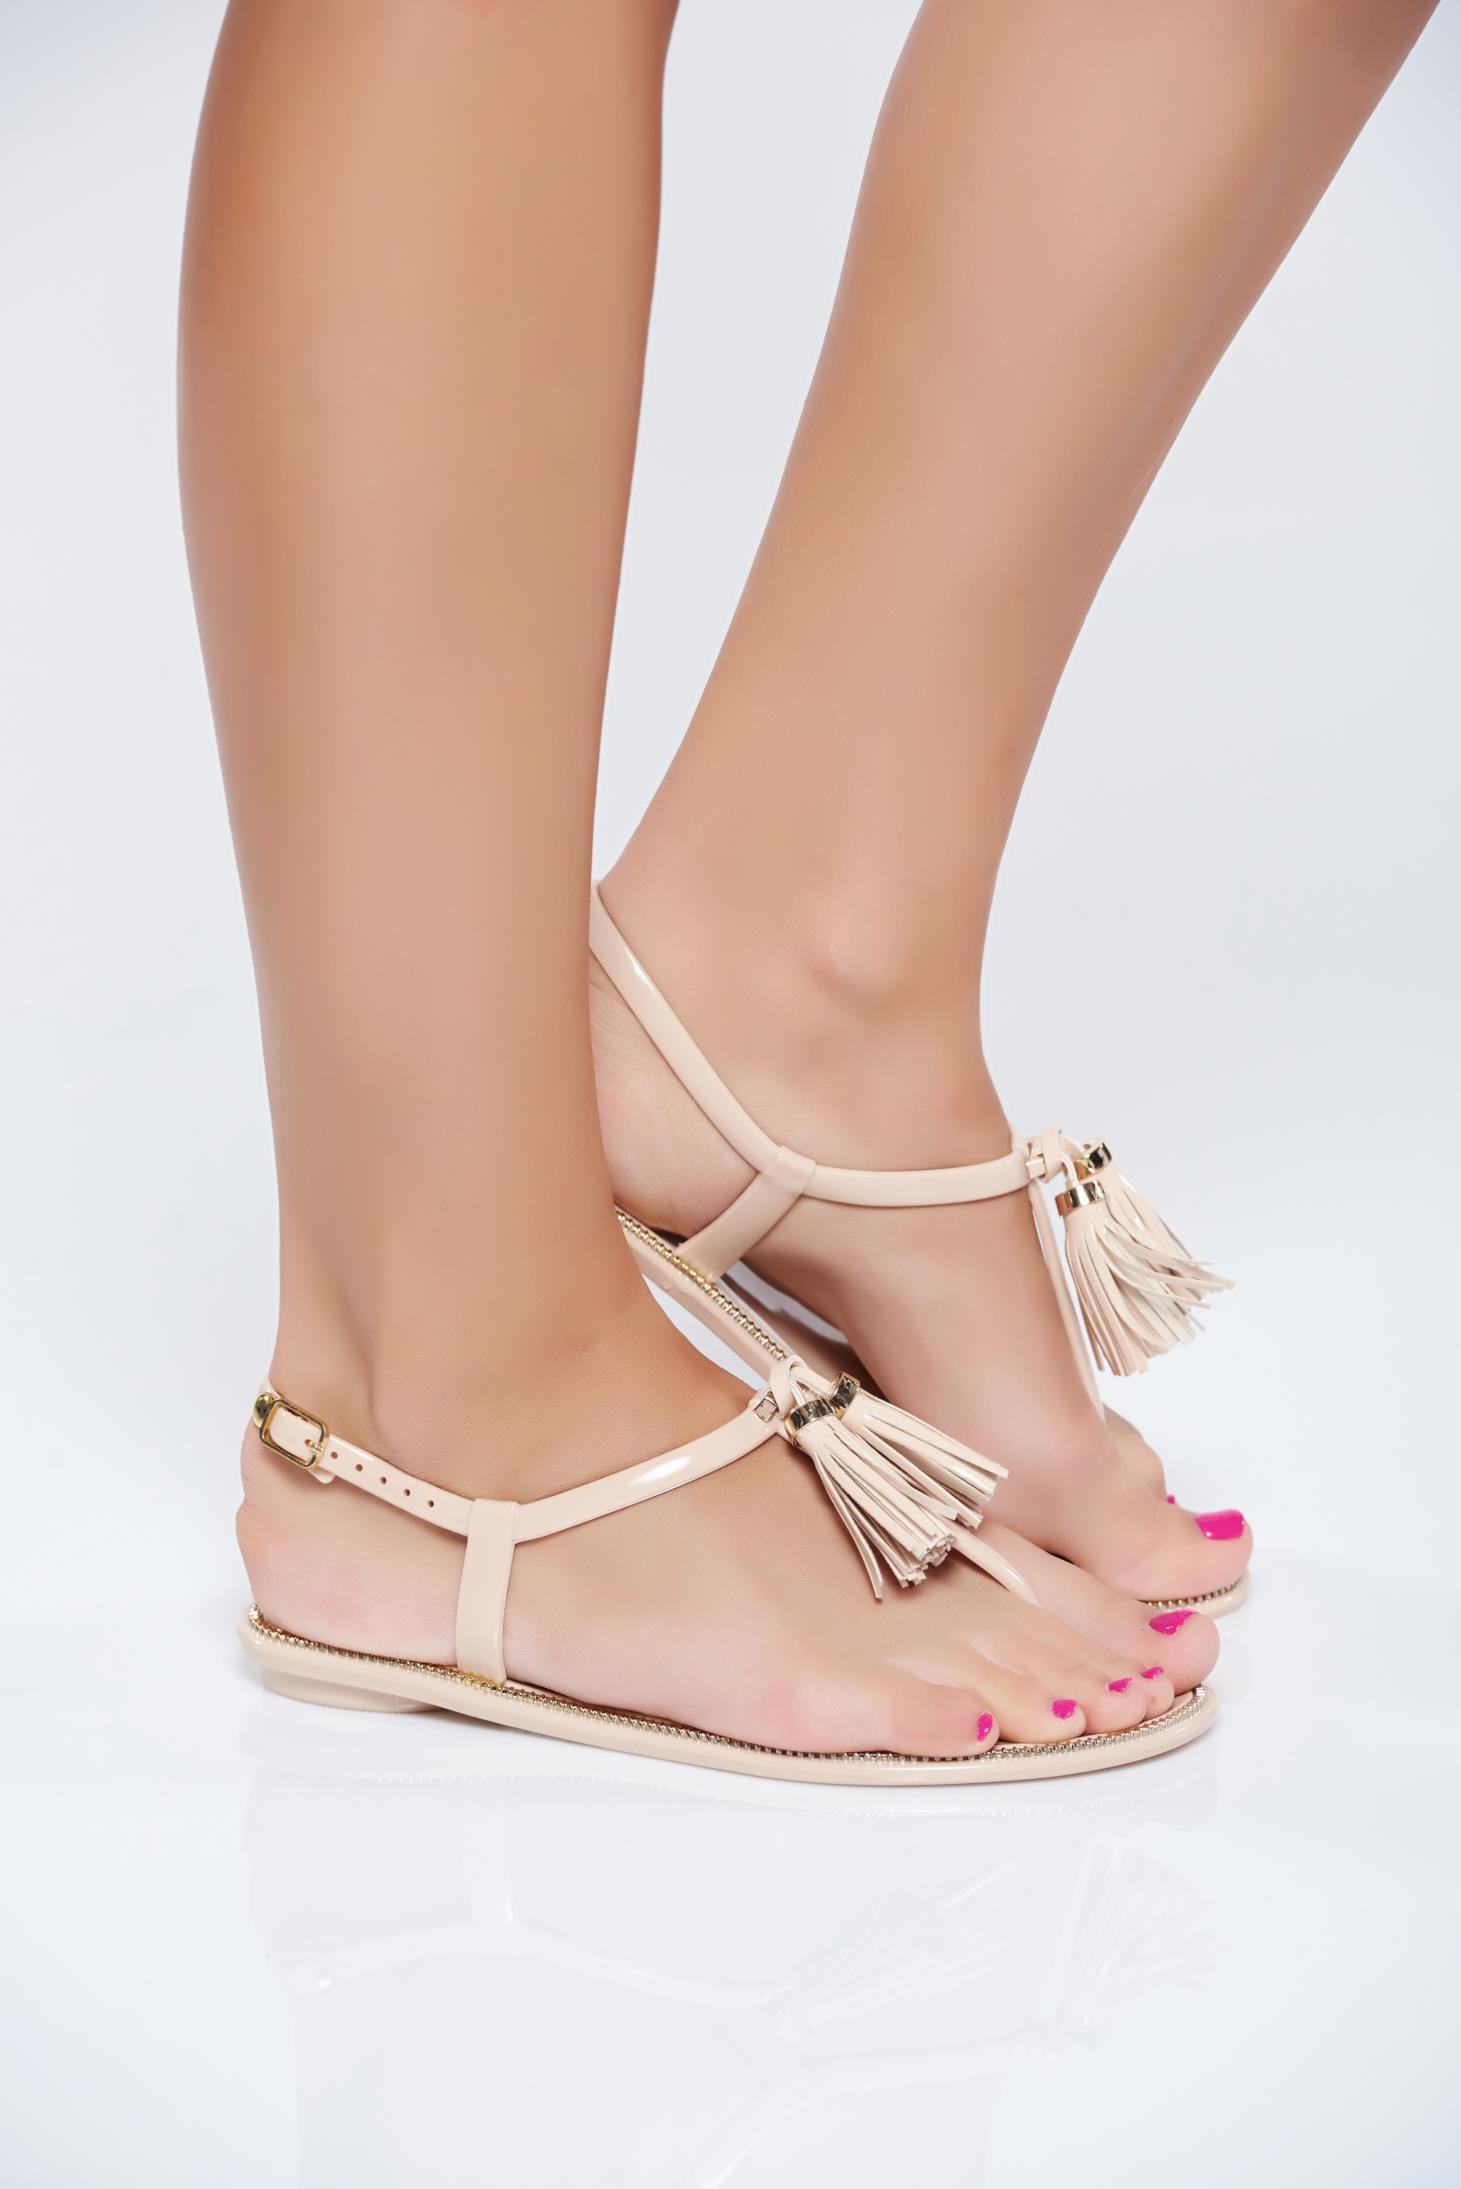 Sandale crem casual cu talpa joasa cu franjuri accesorizata cu o catarama metalica